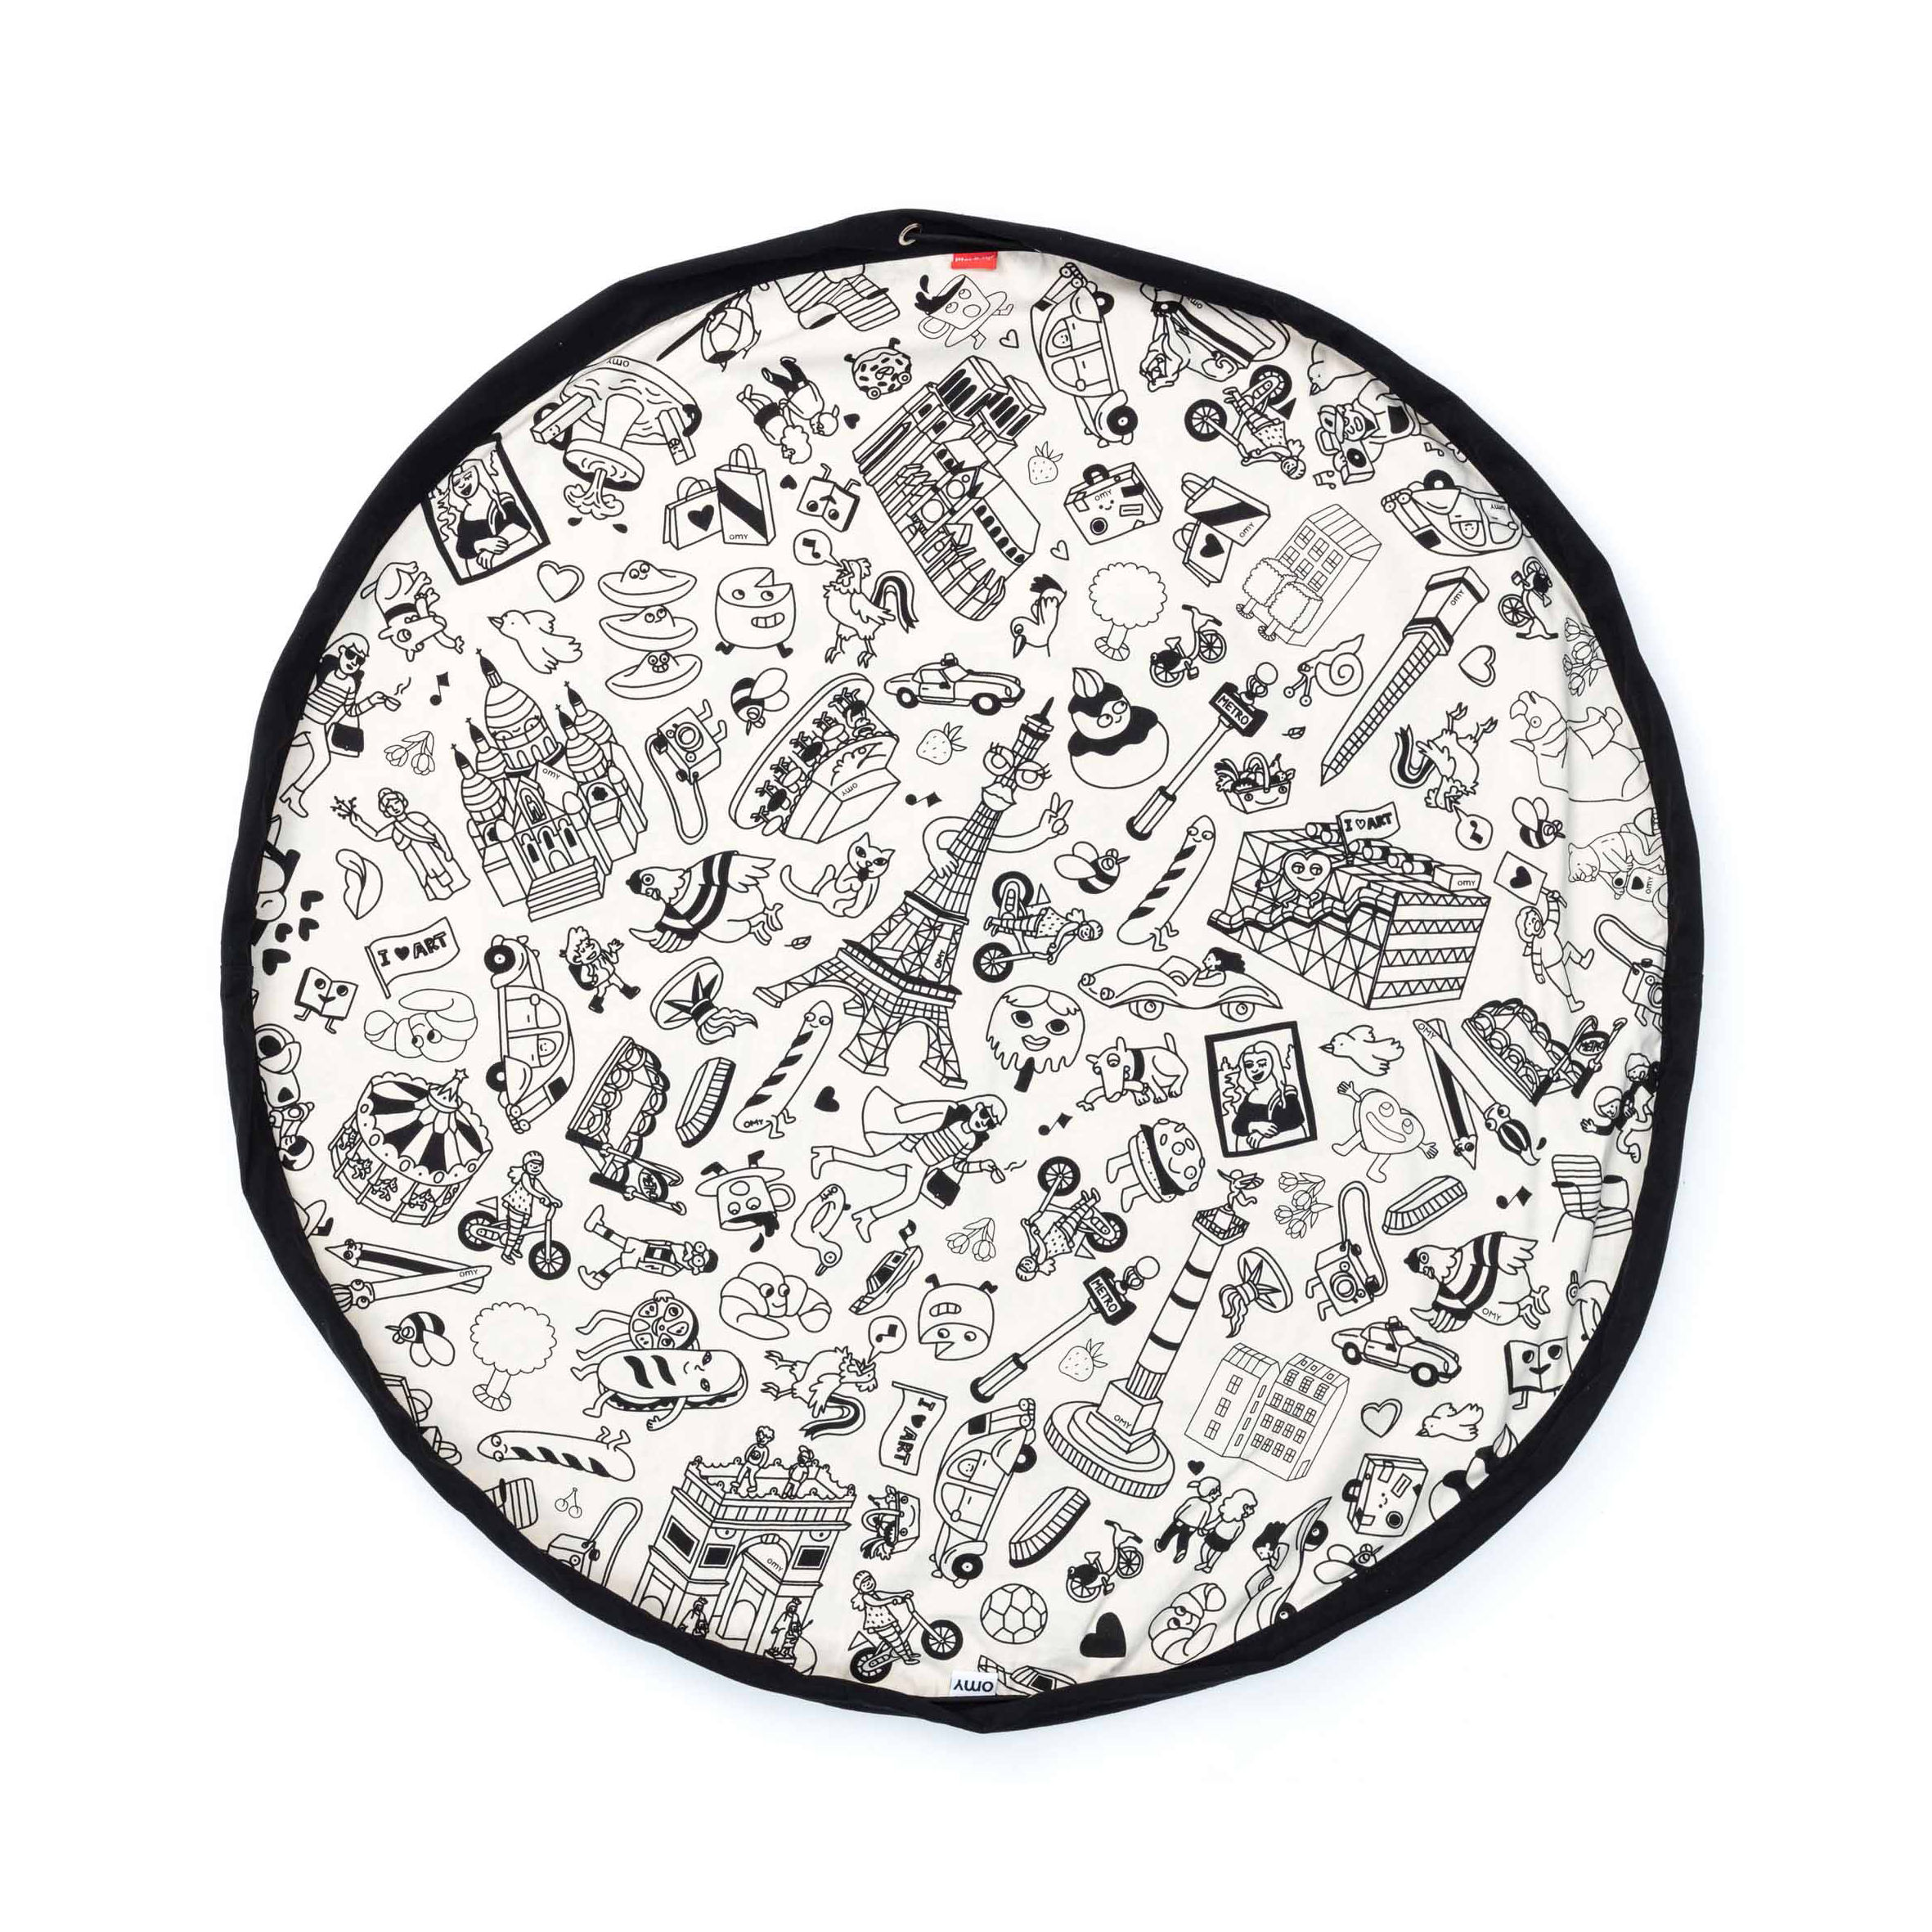 Déco - Pour les enfants - Tapis de jeu Play & Go / Sac de rangement à colorier - Ø 140 cm - OMY Design & Play - Noir & blanc - Coton, Polyester